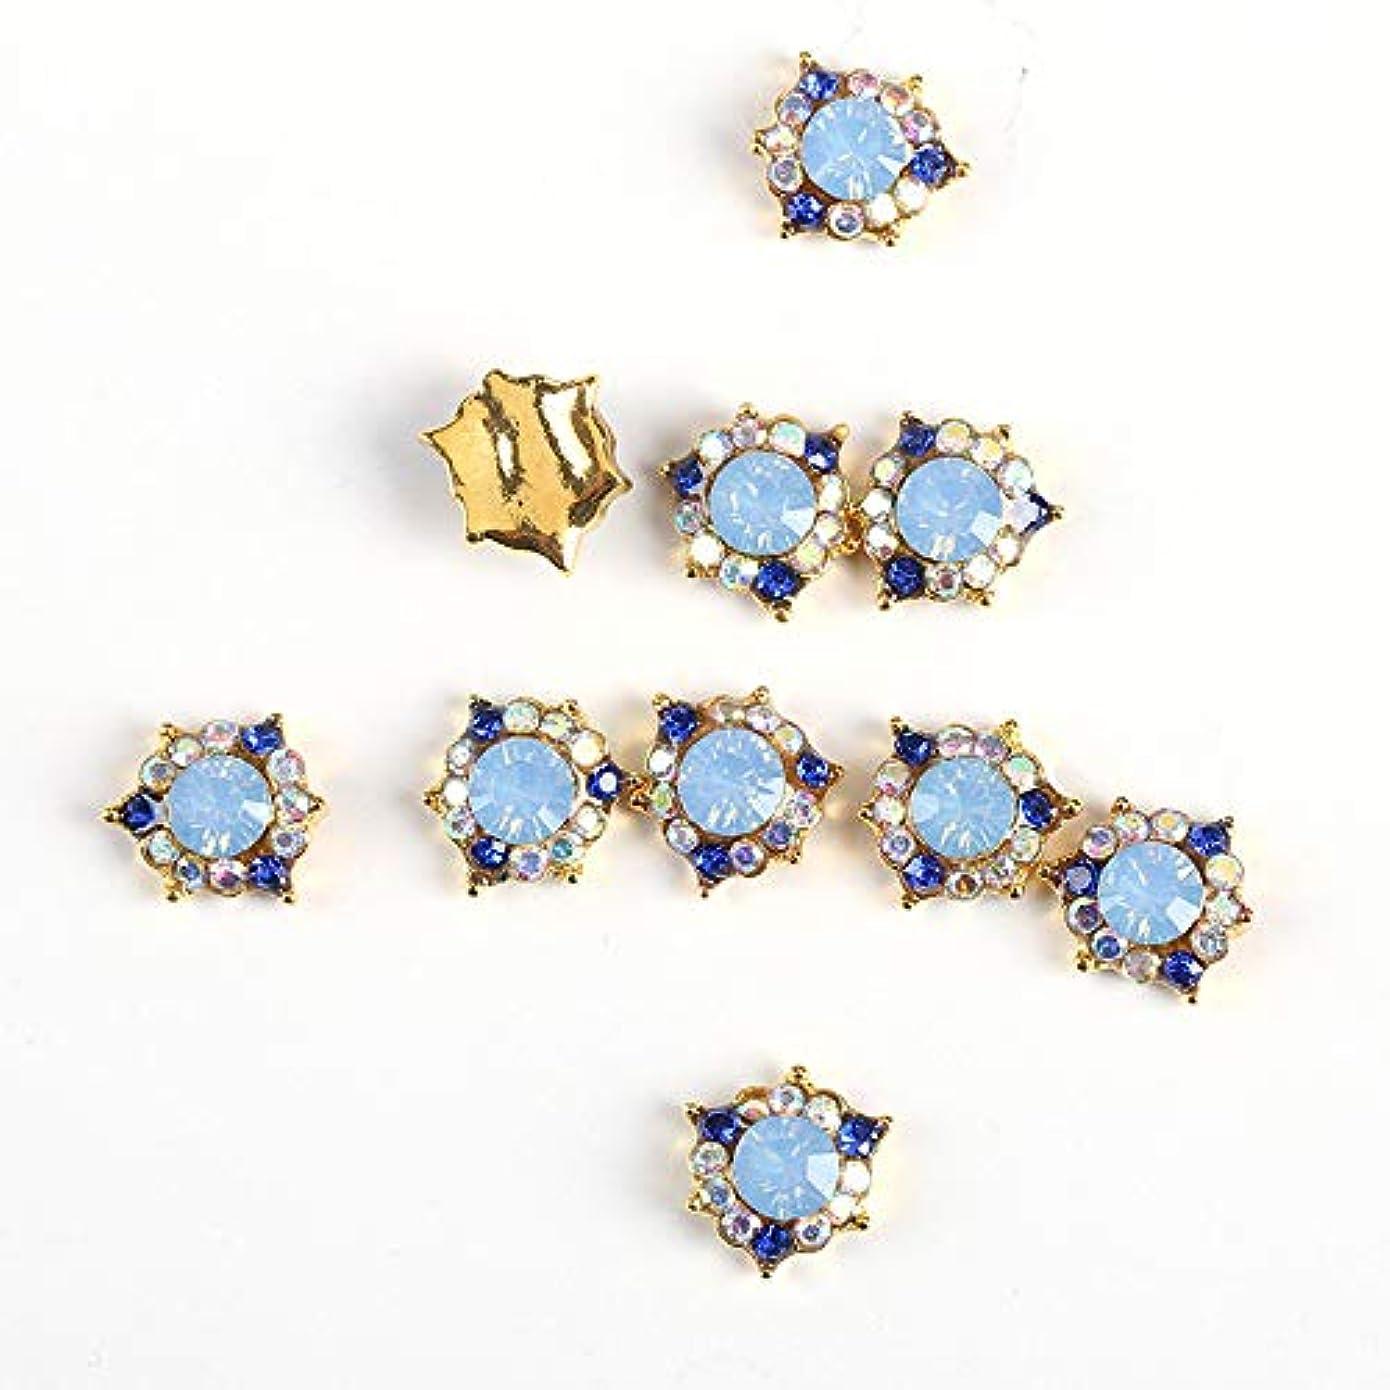 提供チーフエアコン10個入り/ロットネイルアート3Dアクセサリーメタルラウンドグリッターラインストーンモザイクスカイブルーダイヤモンドチャーム爪の装飾